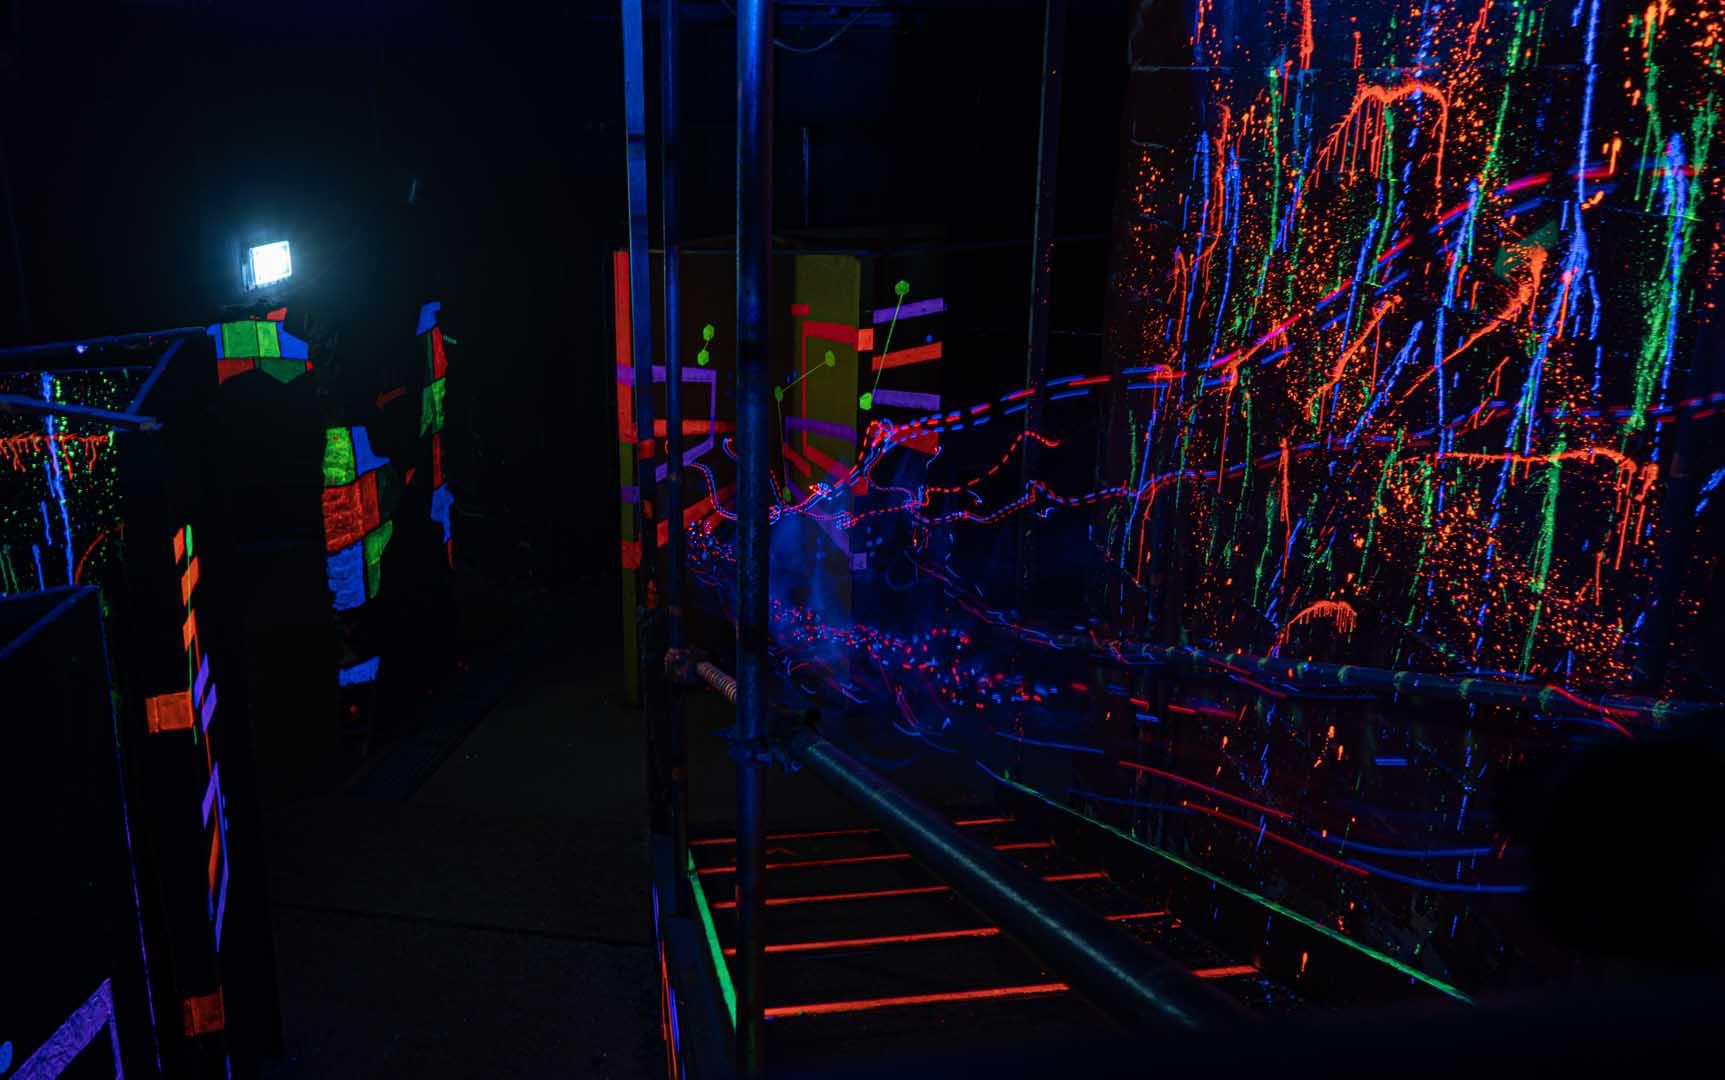 Laserquest arena 2